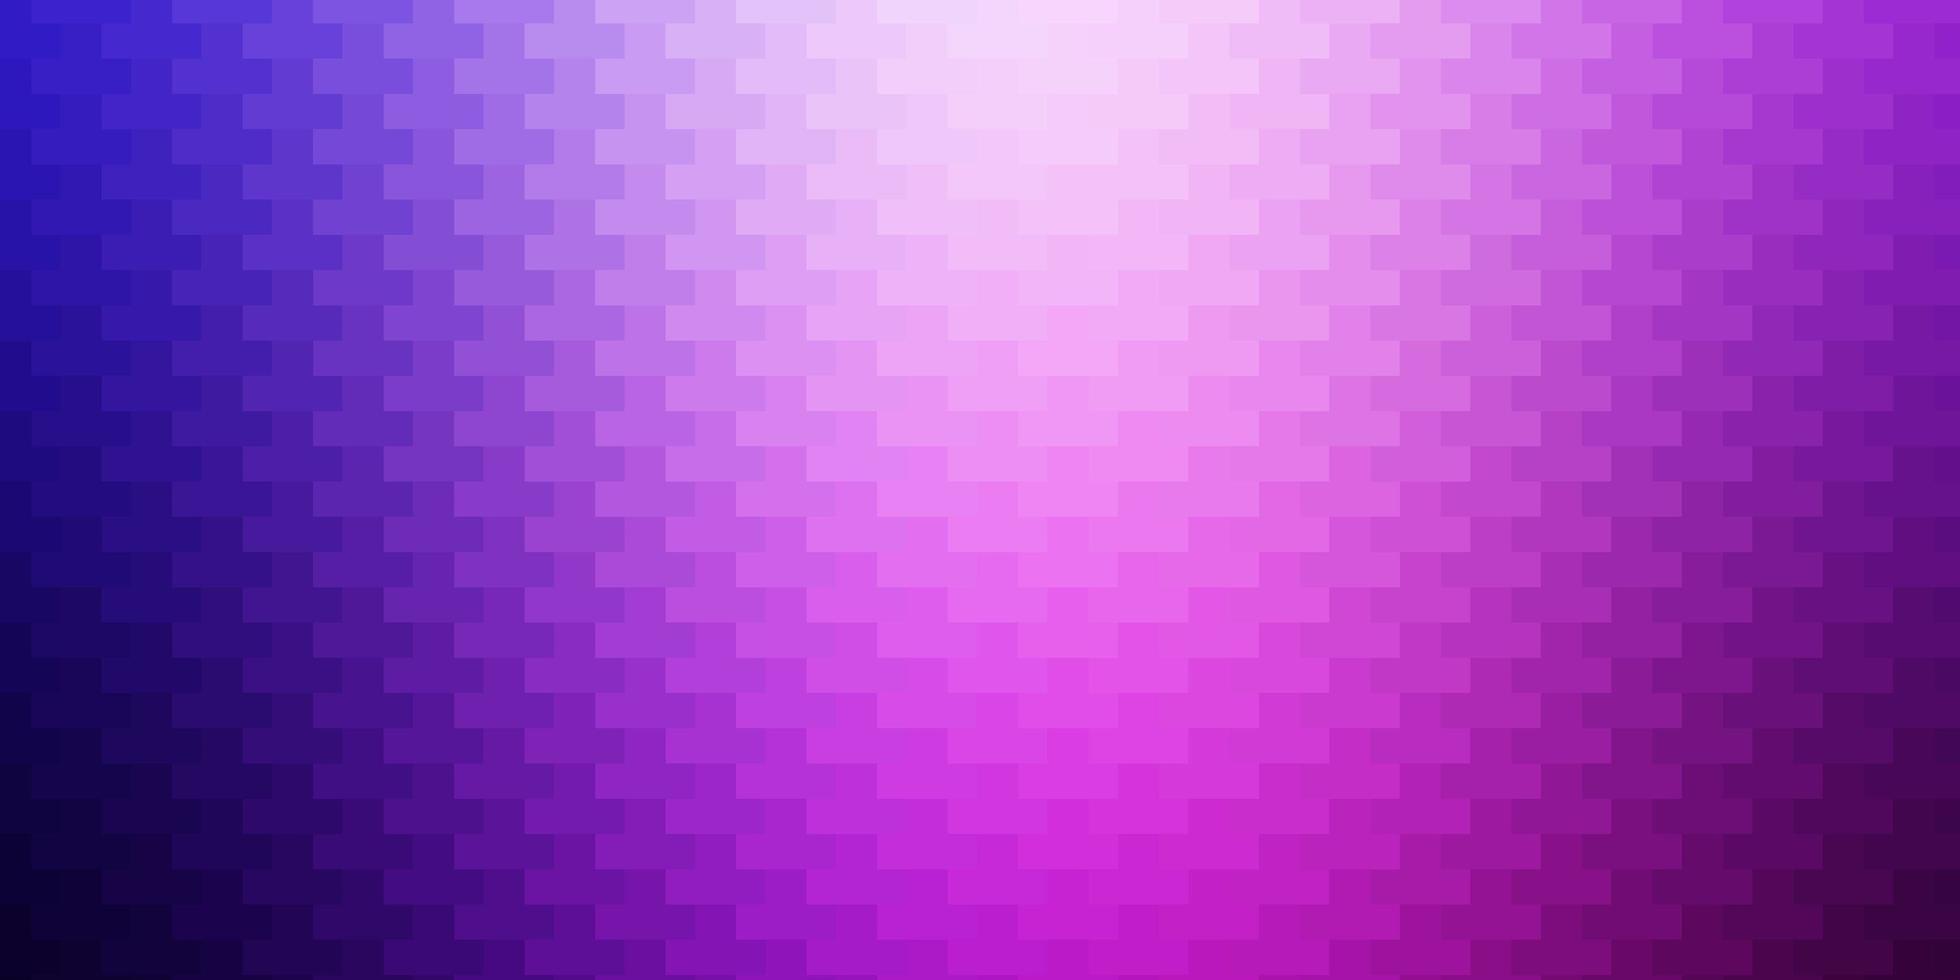 modèle vectoriel violet clair, rose dans un style carré.